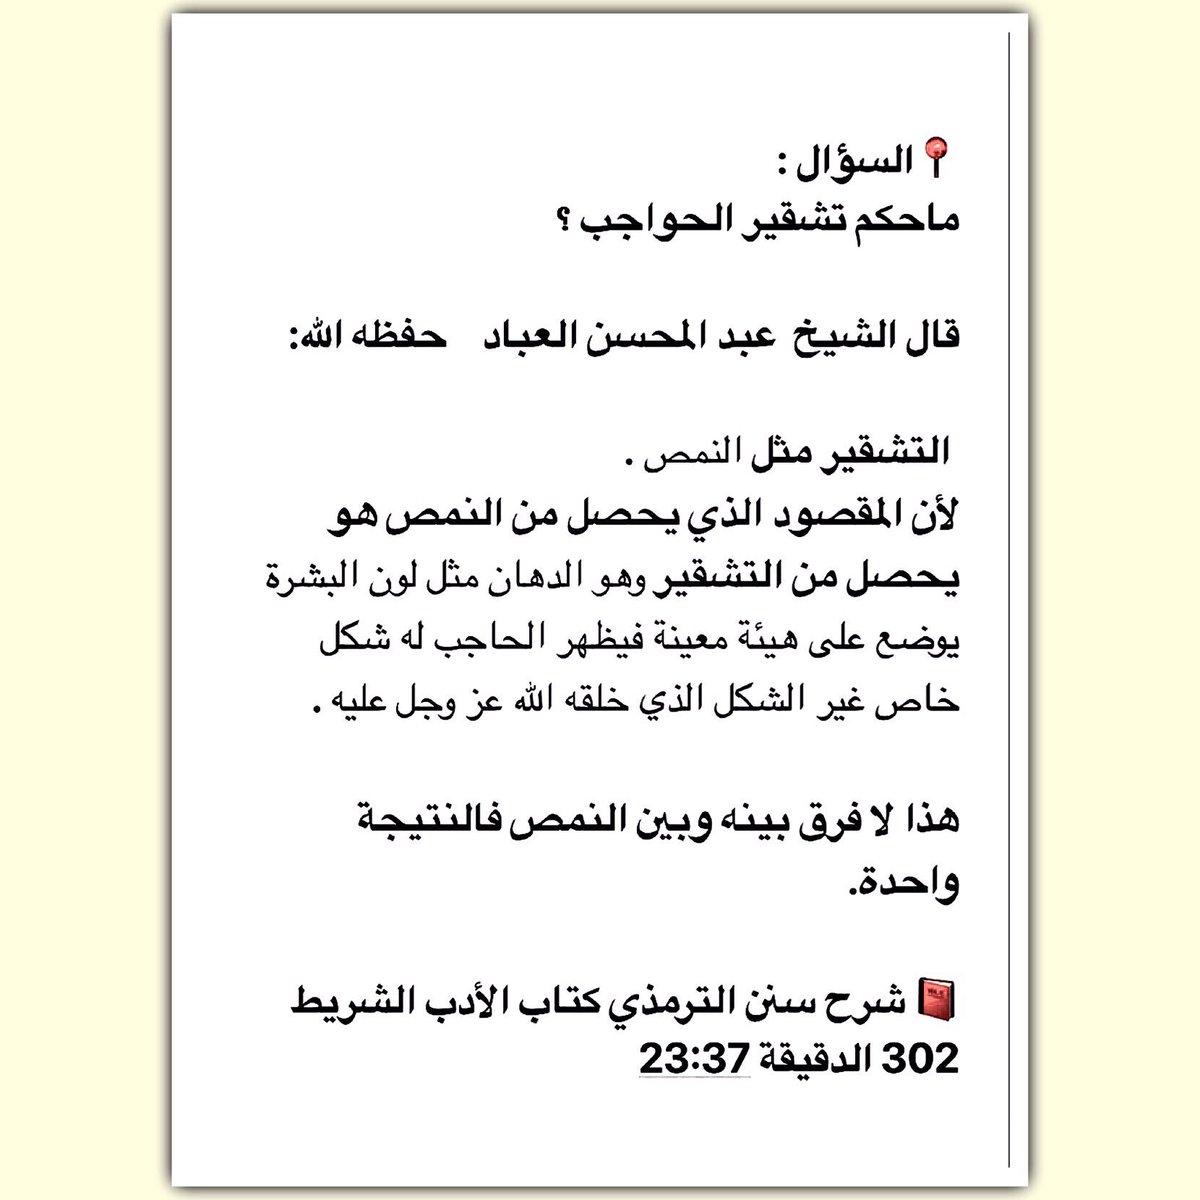 النمص Hashtag On Twitter